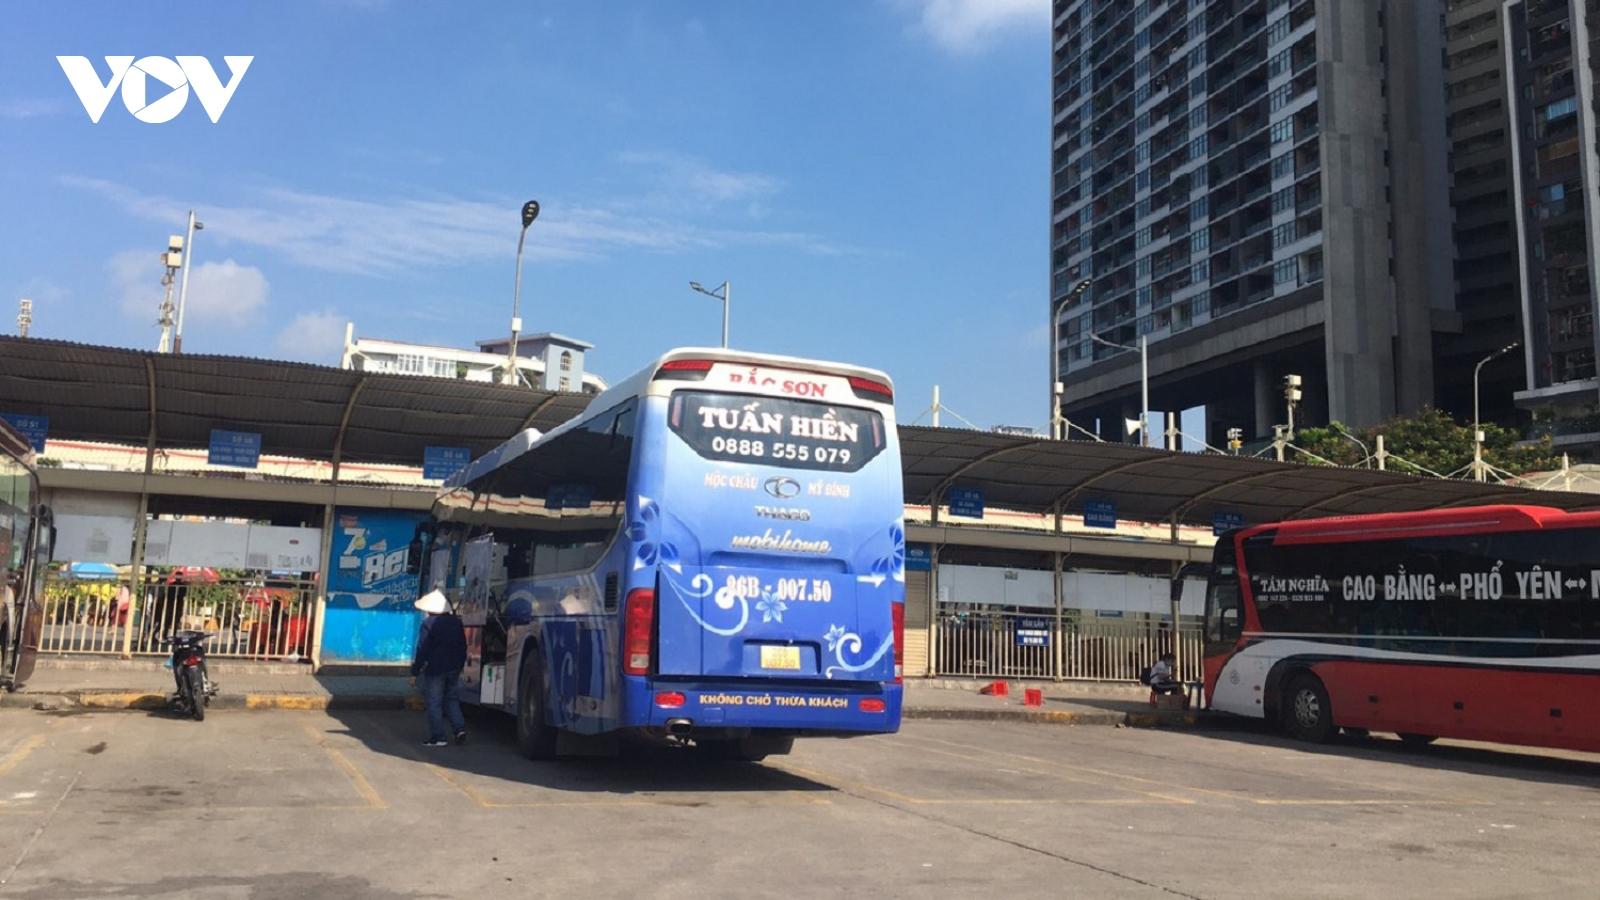 Bến xe ở Hà Nội thưa xe, vắng khách do dịch Covid-19